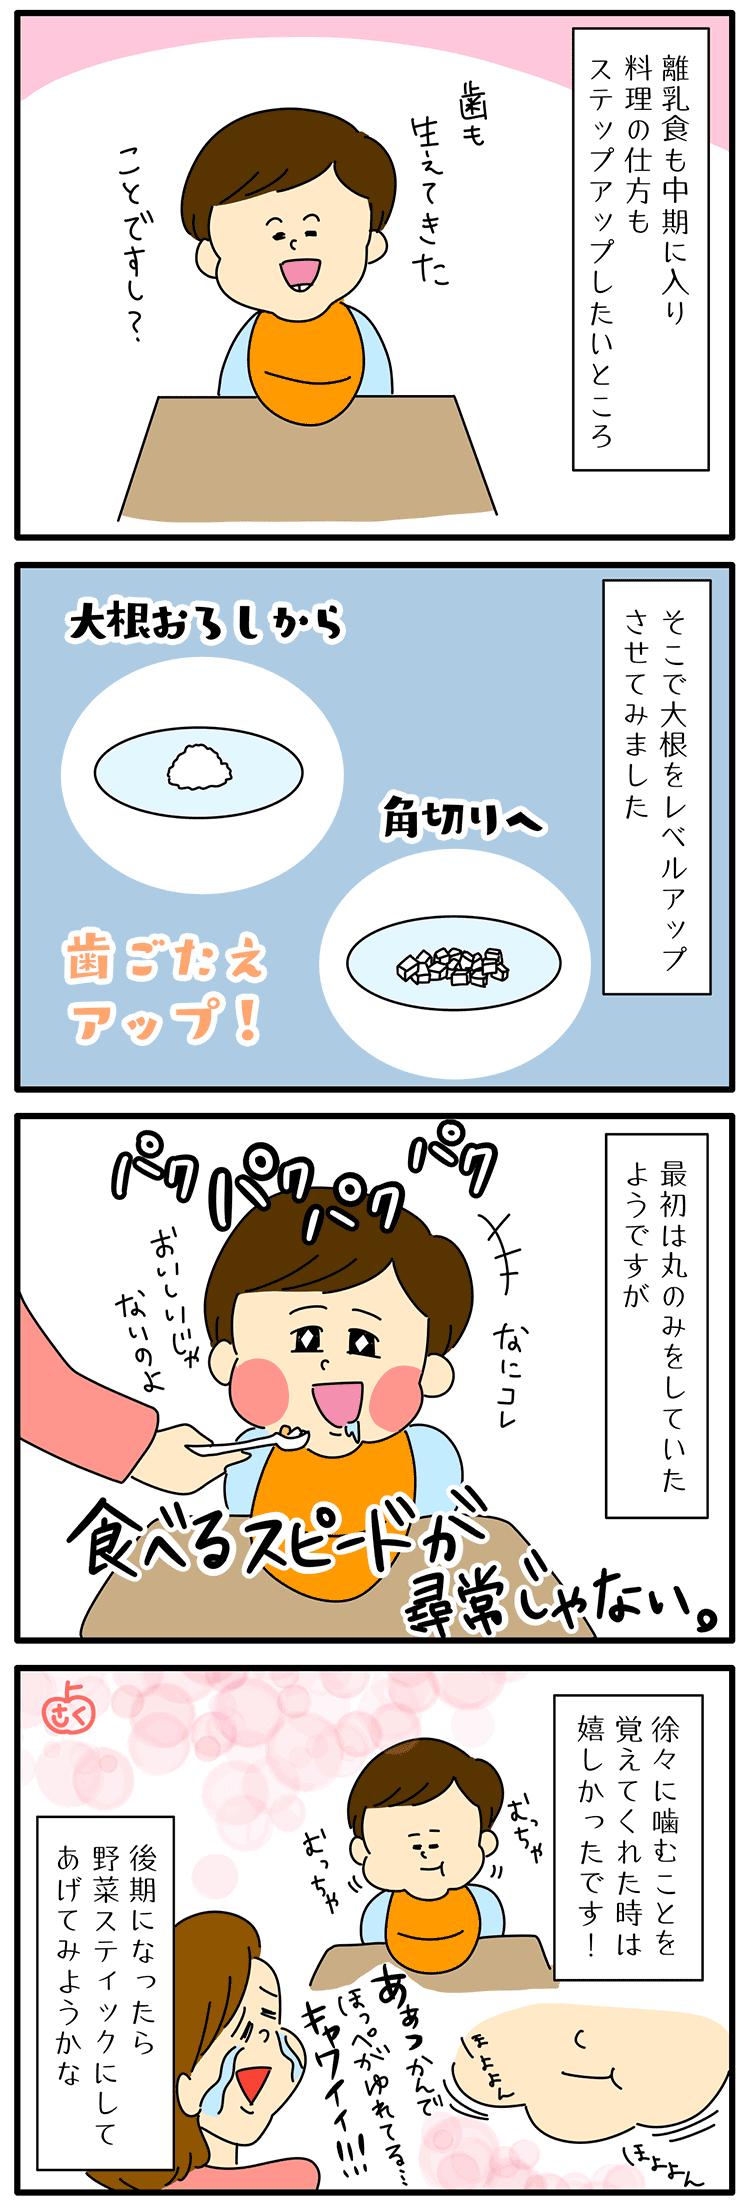 離乳食の大根の永岡さくら(saku)さんの子育て4コマ漫画